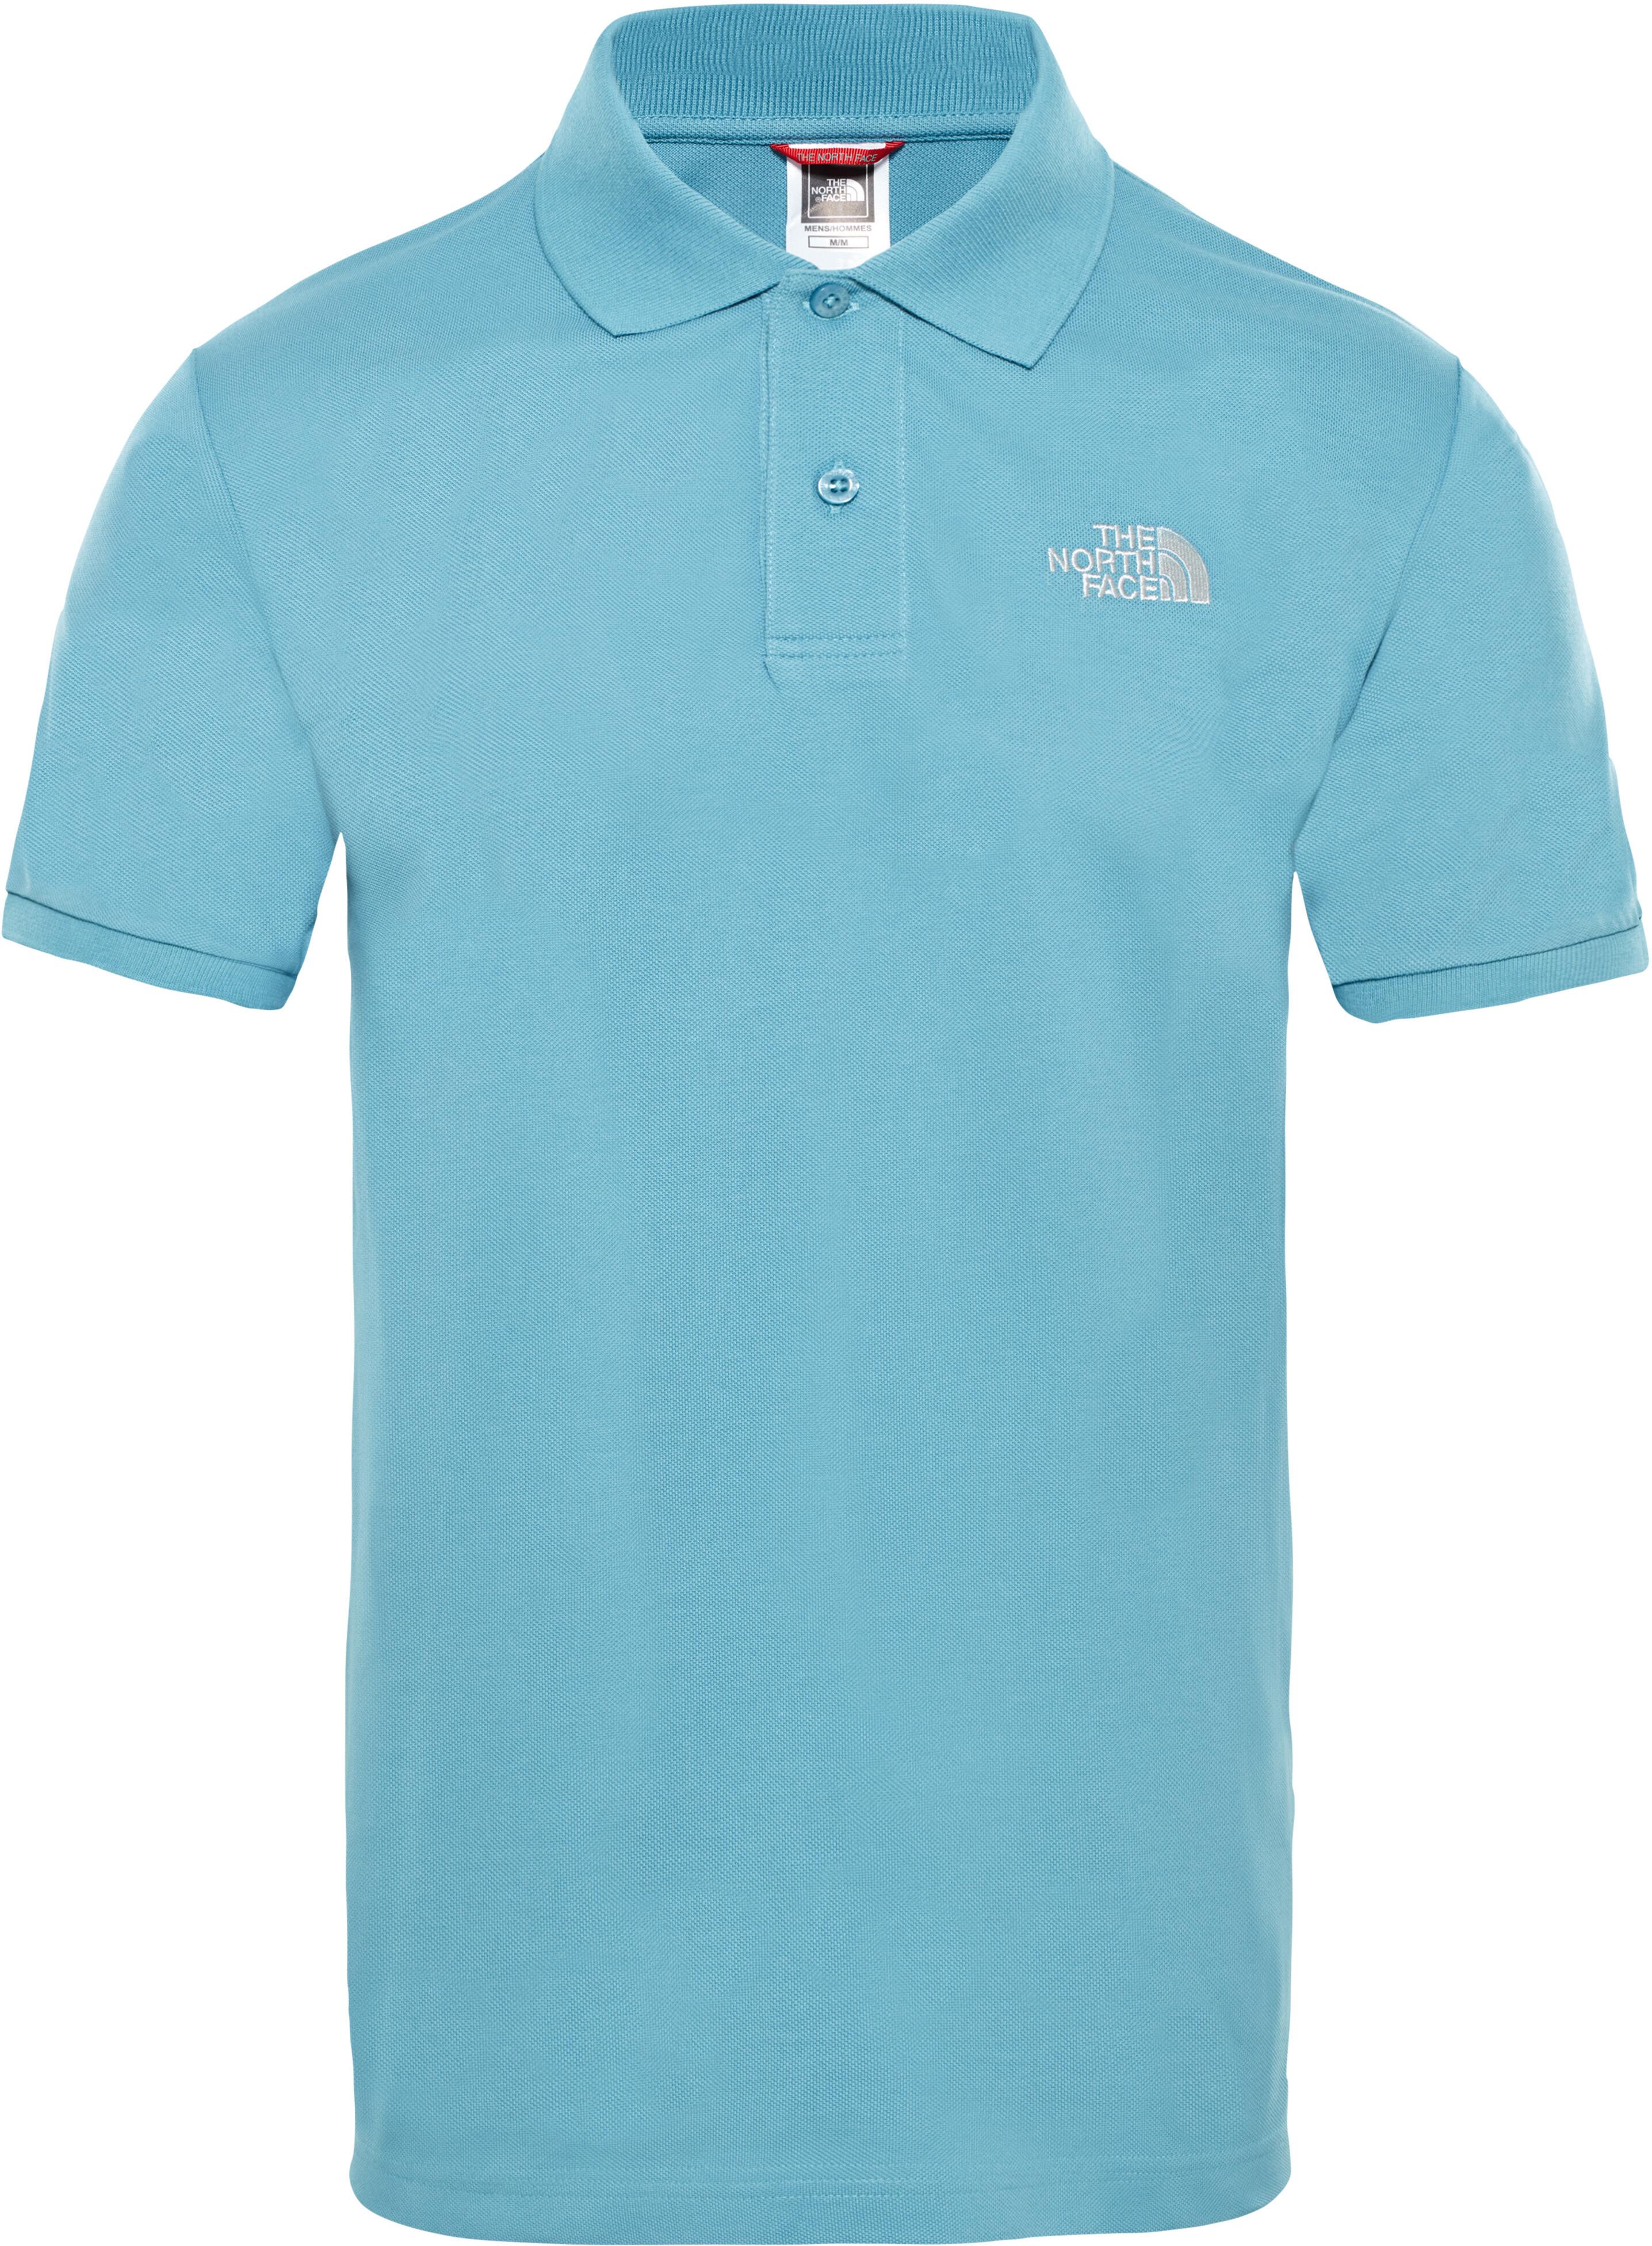 100% jakości Darmowa dostawa sprzedaż The North Face Polo Piquet Heren, storm blue